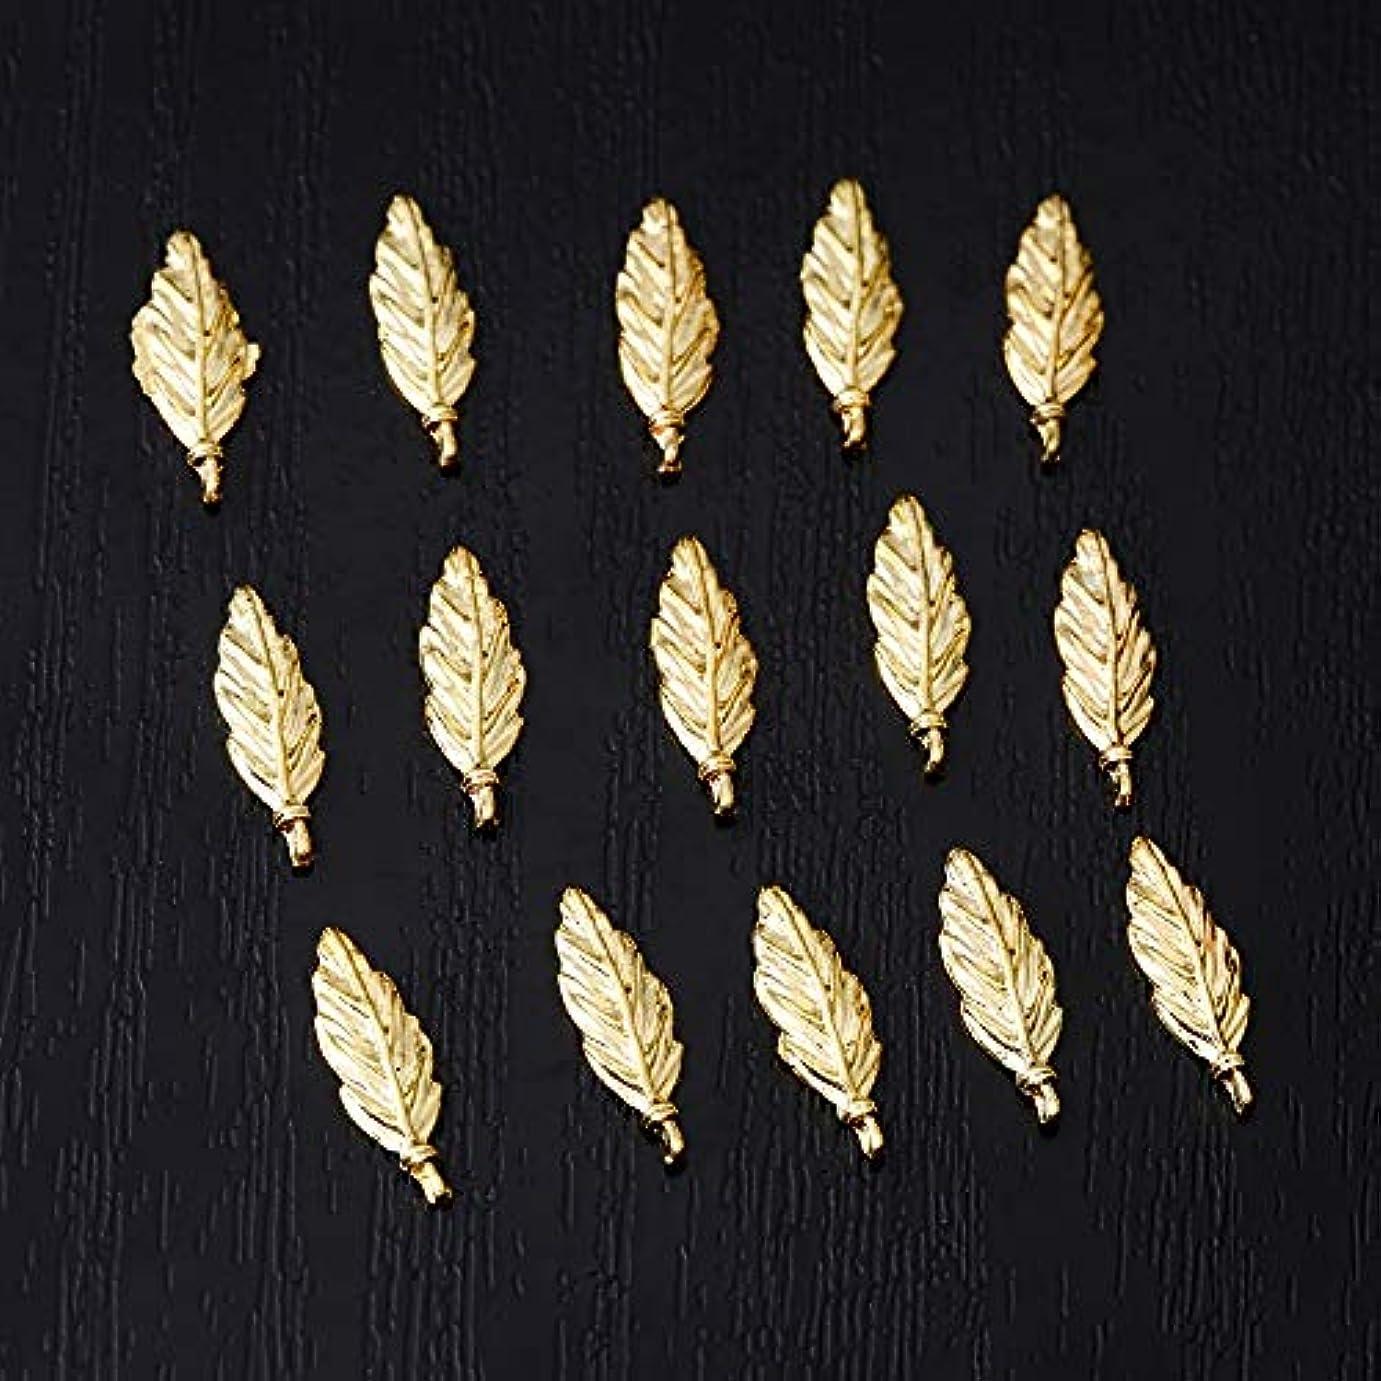 不十分なシマウマハーブ100PCS金属金の羽の爪はフェザー/リーフDIYスタッド用の釘デザインチャームマニキュア3Dネイルアートの装飾デカール,8mm